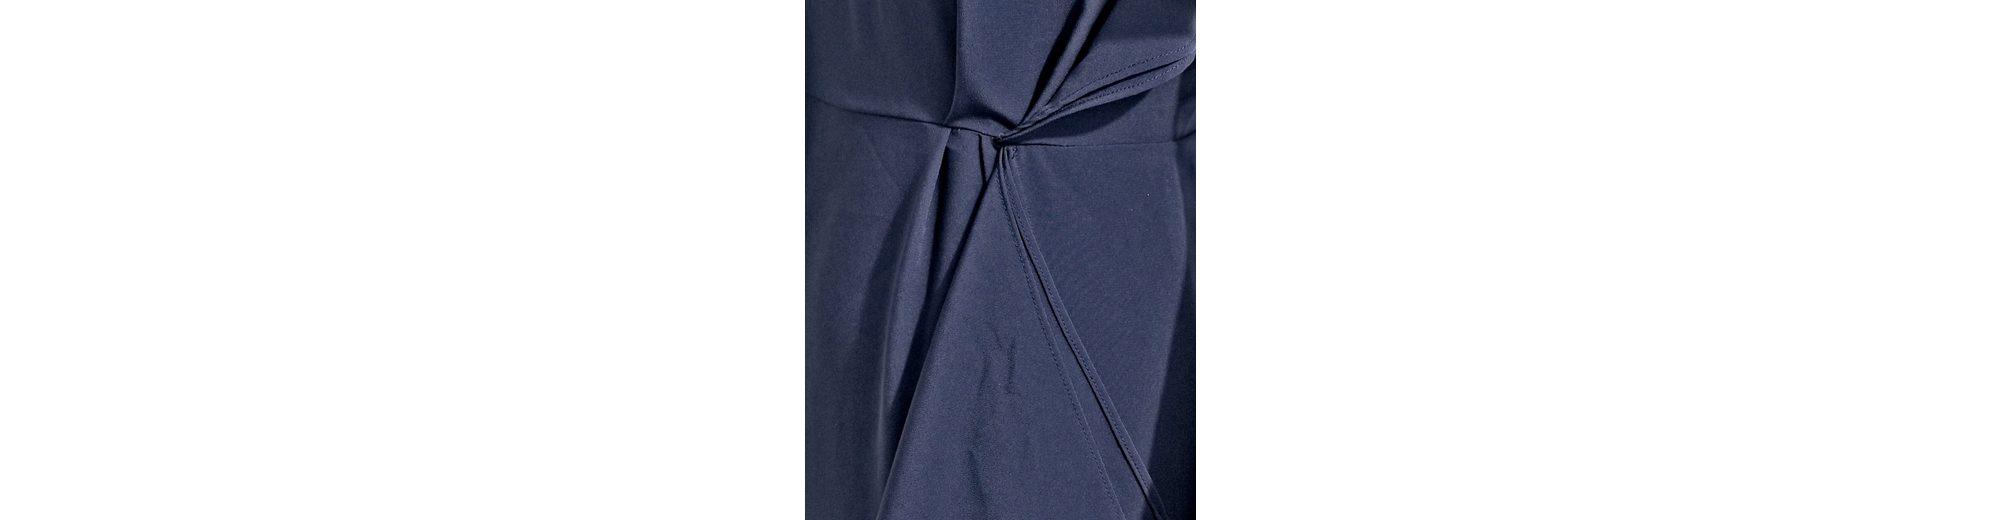 Günstig Kaufen Nicekicks Neue Ankunft Verkauf Online Alba Moda Kleid mit Volant Verkauf 2018 Neue DtGbq